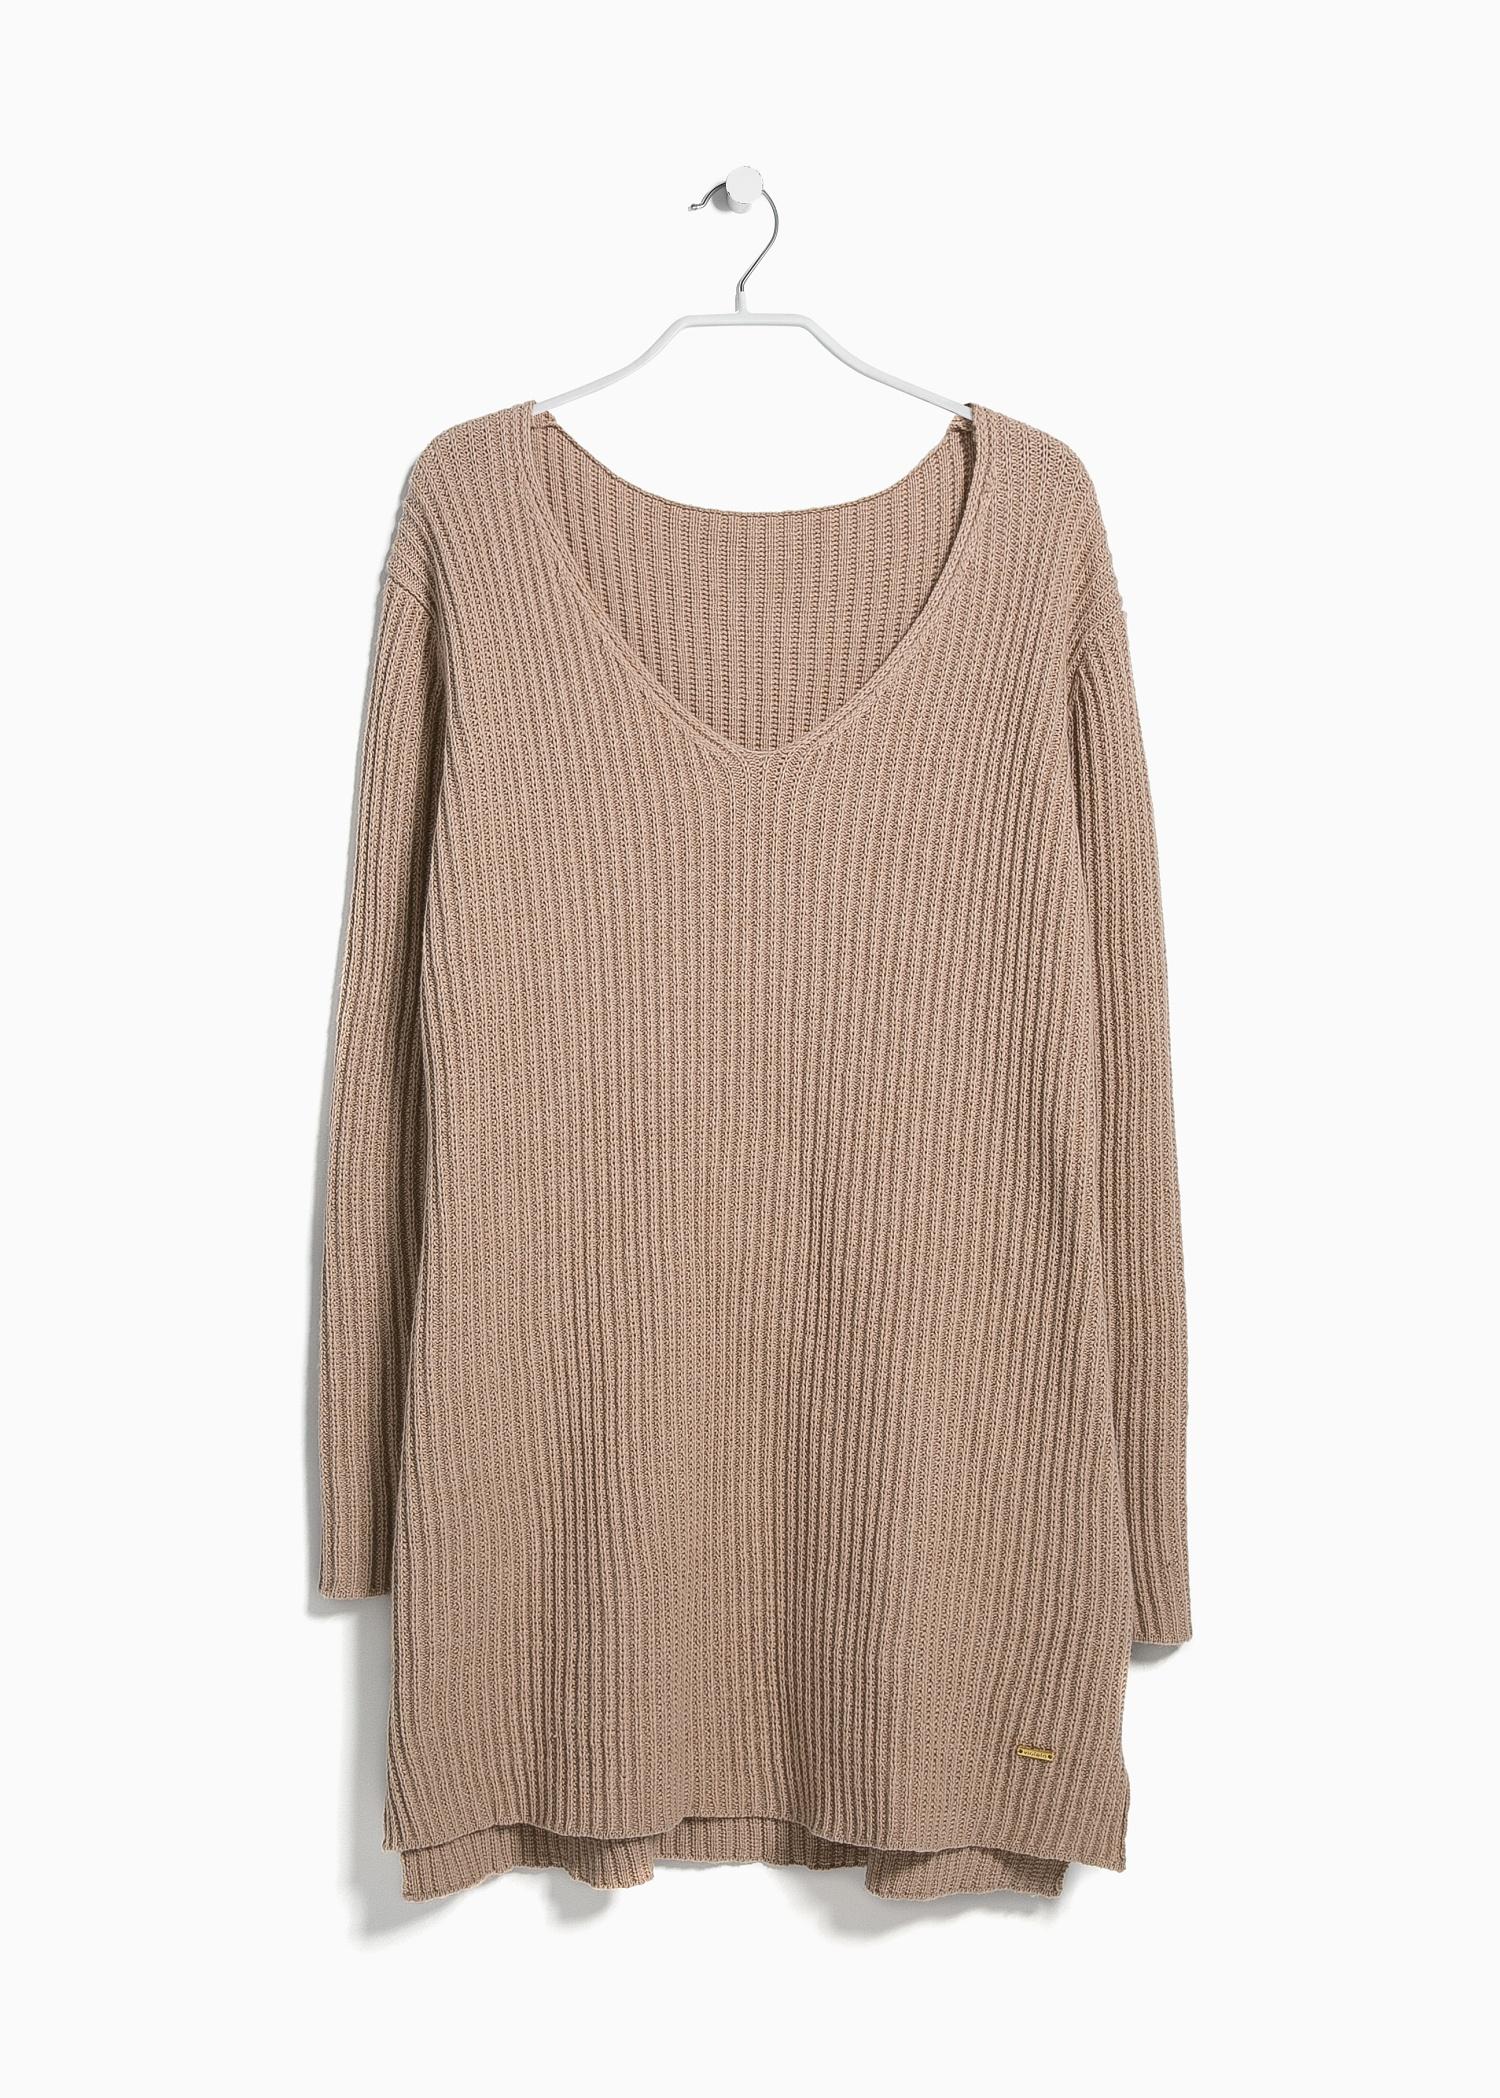 Violeta by mango Chunky-Knit Sweater in Beige (light beige ...